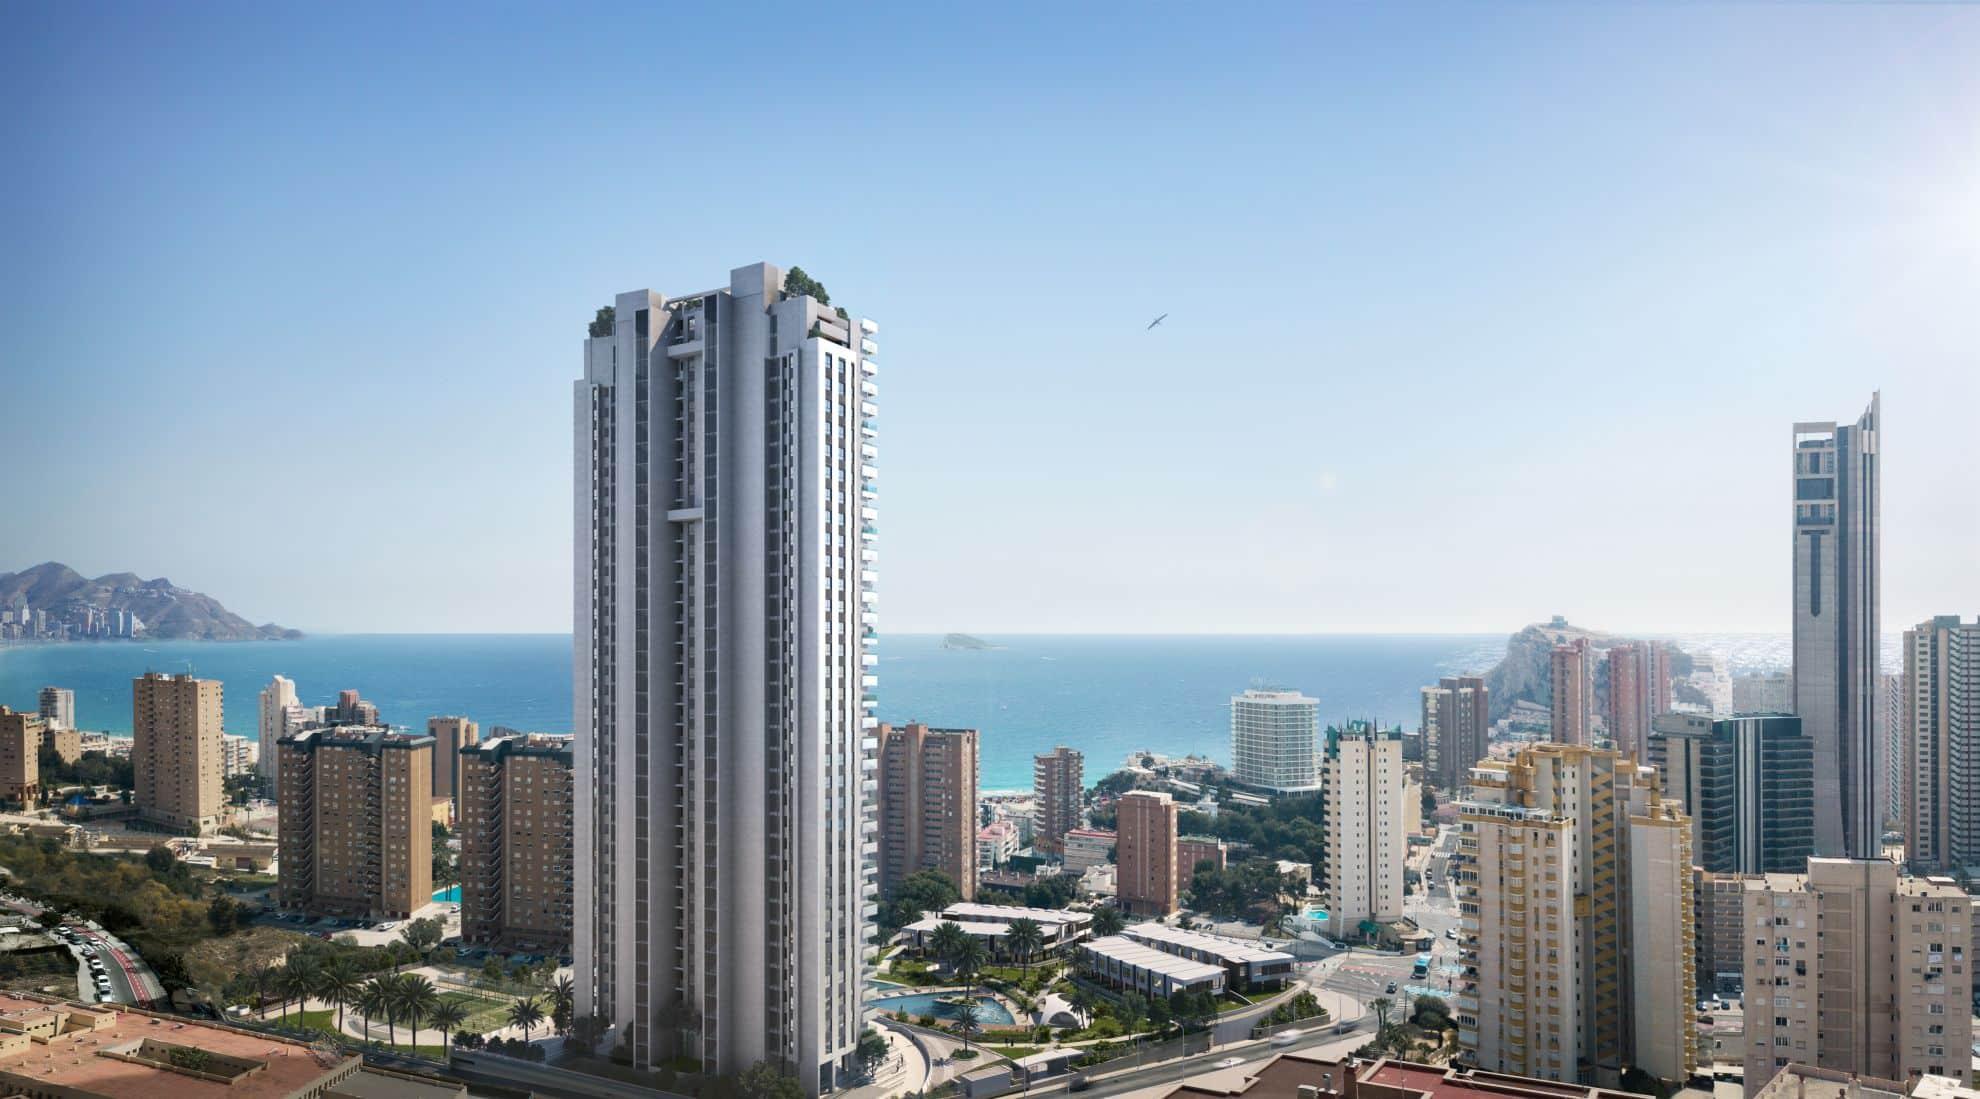 proyectos inmobiliarios benidorm 3